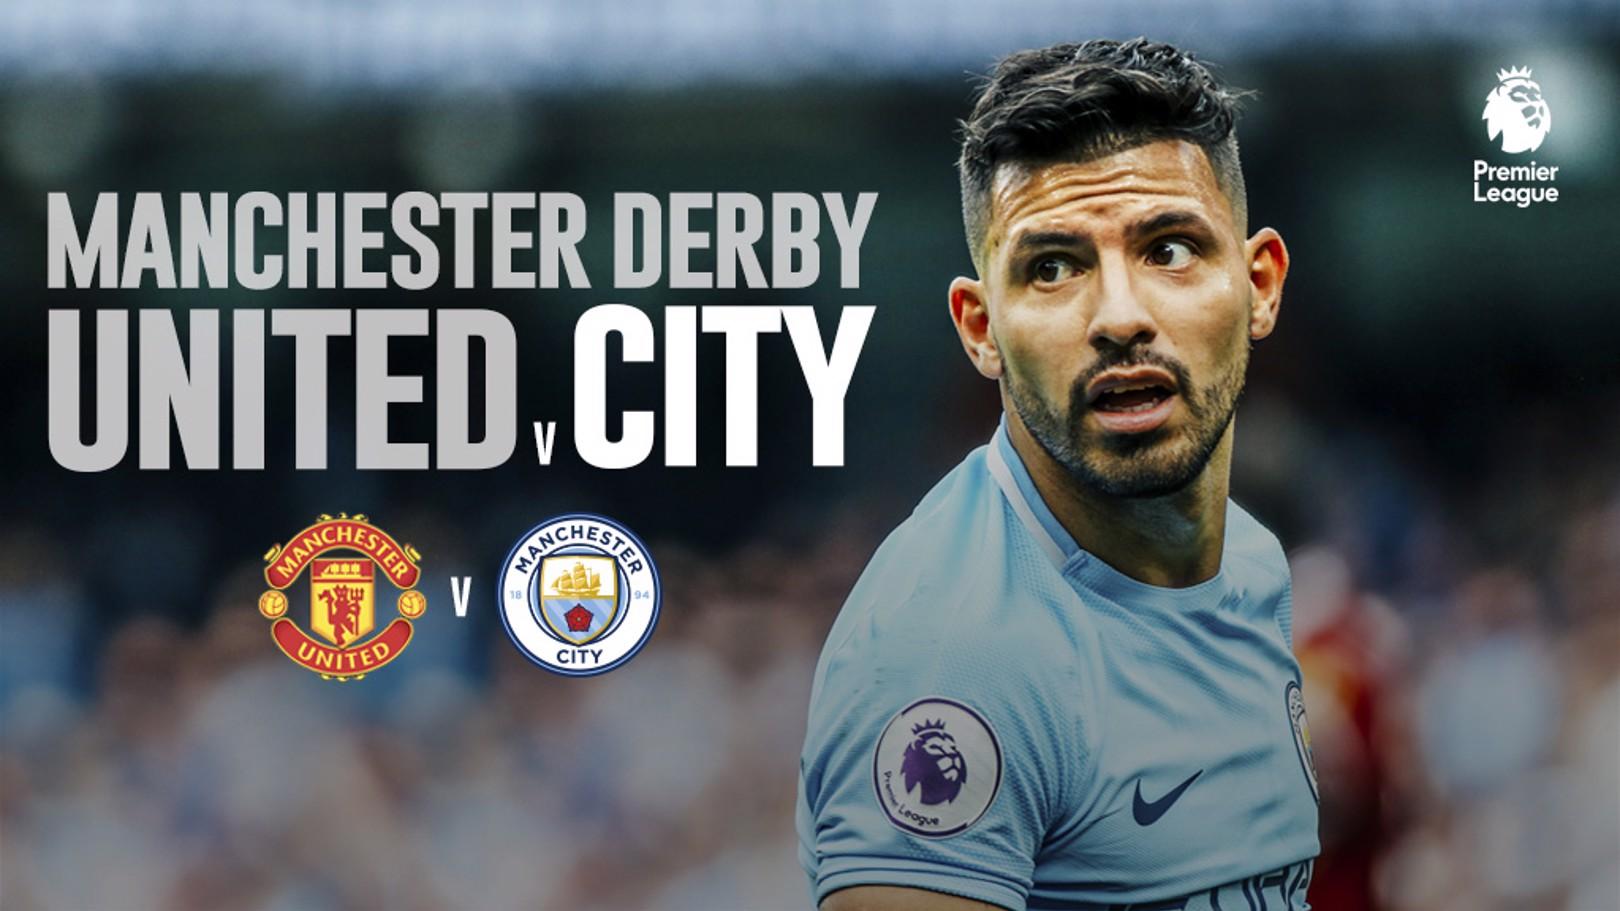 DERBI DE MANCHESTER - El City visitará Old Trafford el próximo domingo.